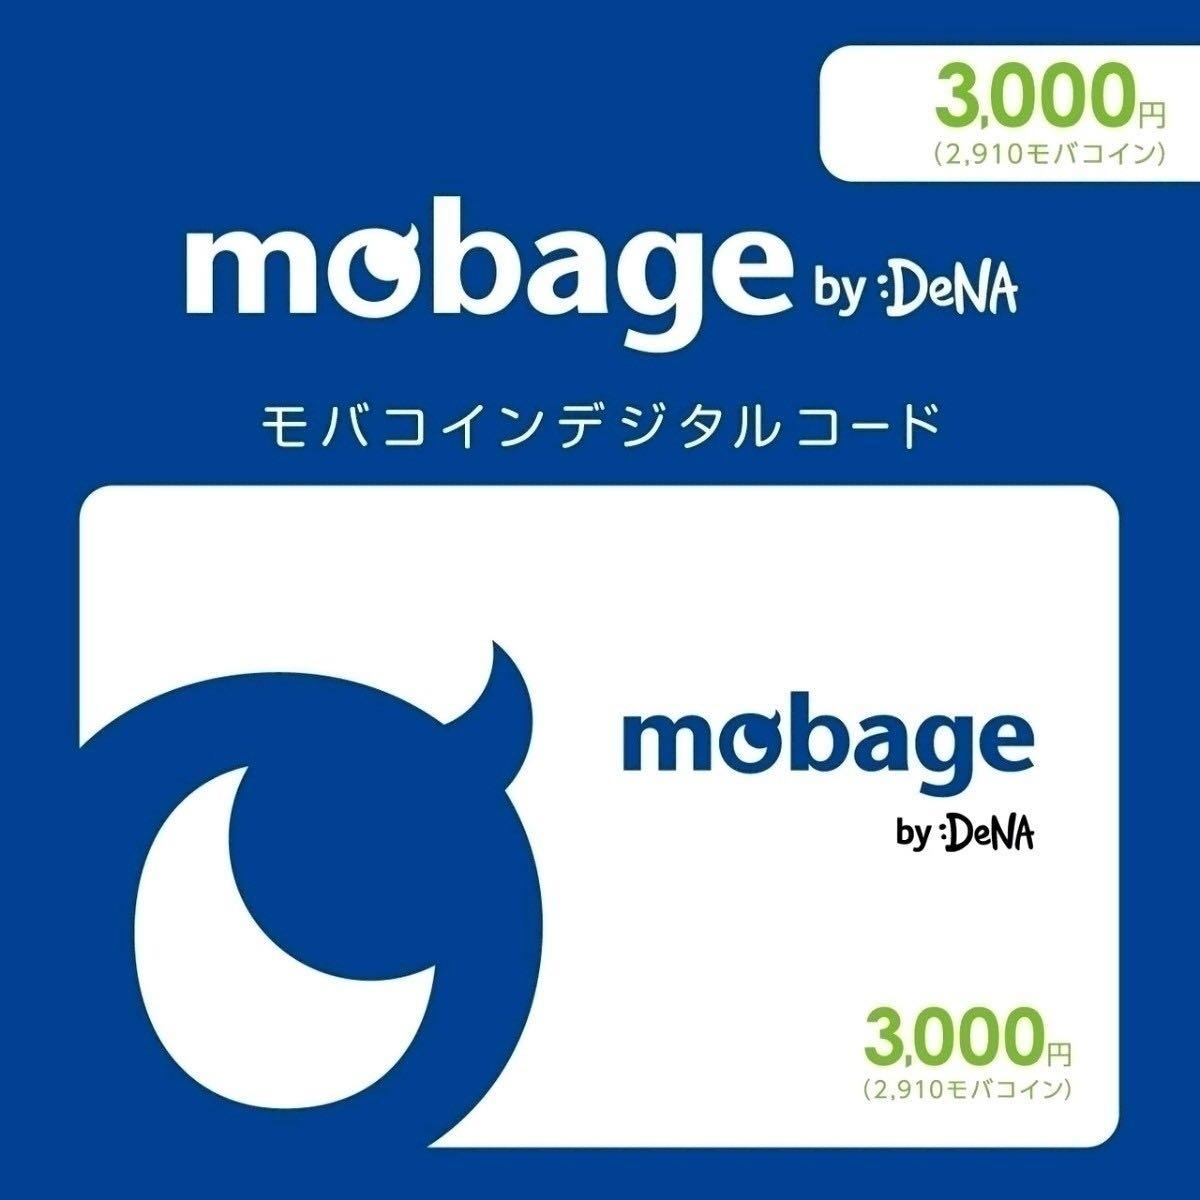 Mobage モバコインデジタルコード 3000円(2,910モバコイン)